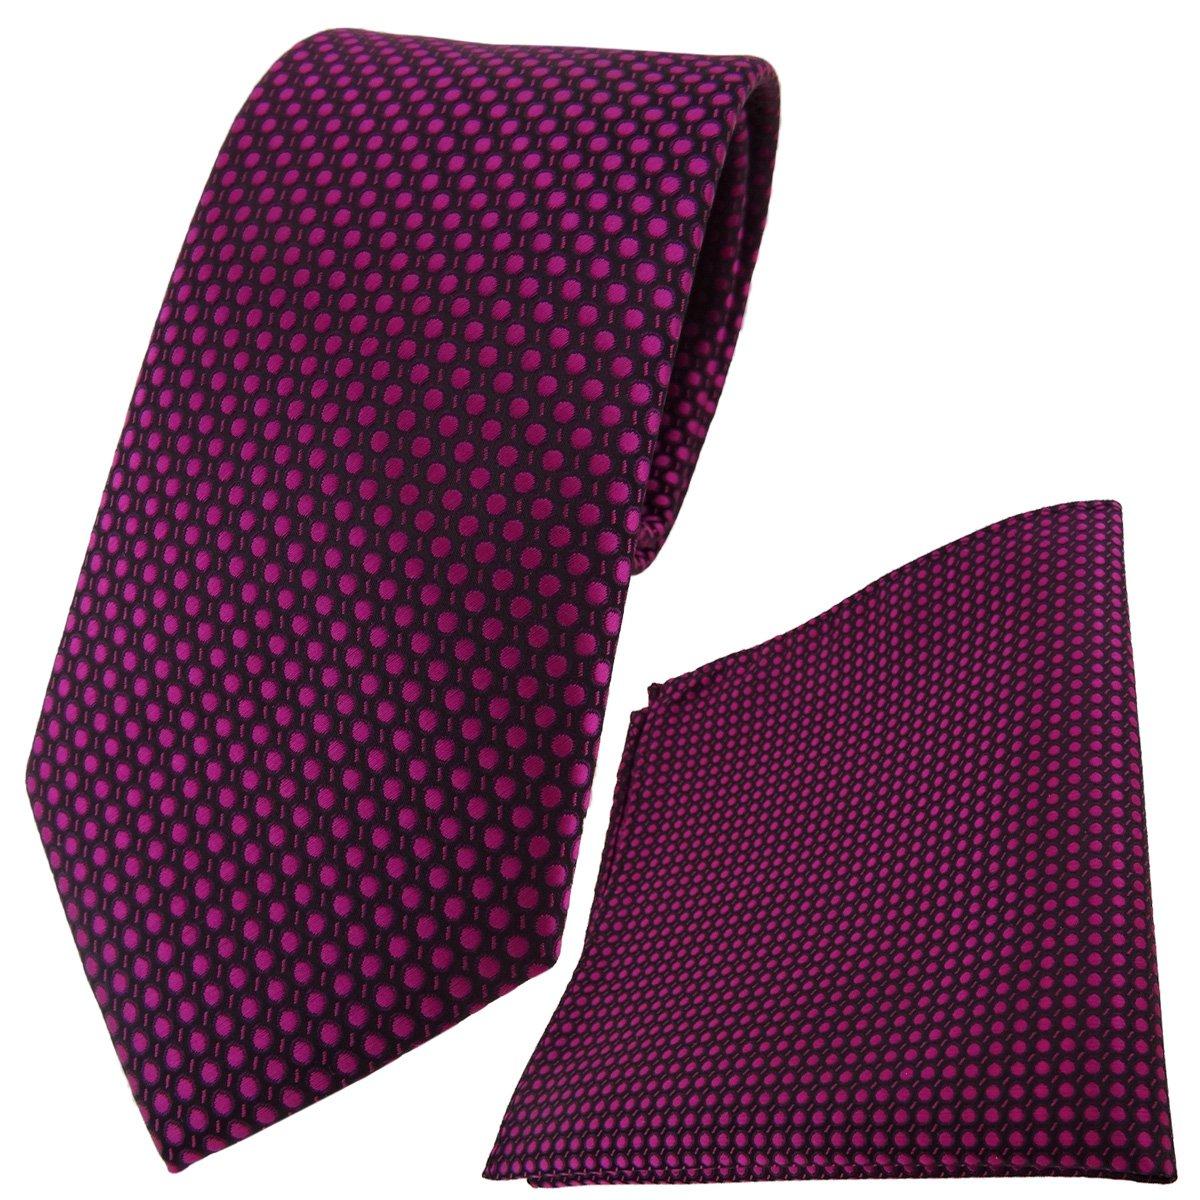 TigerTie Designer Krawatte Einstecktuch lila violett silber gepunktet